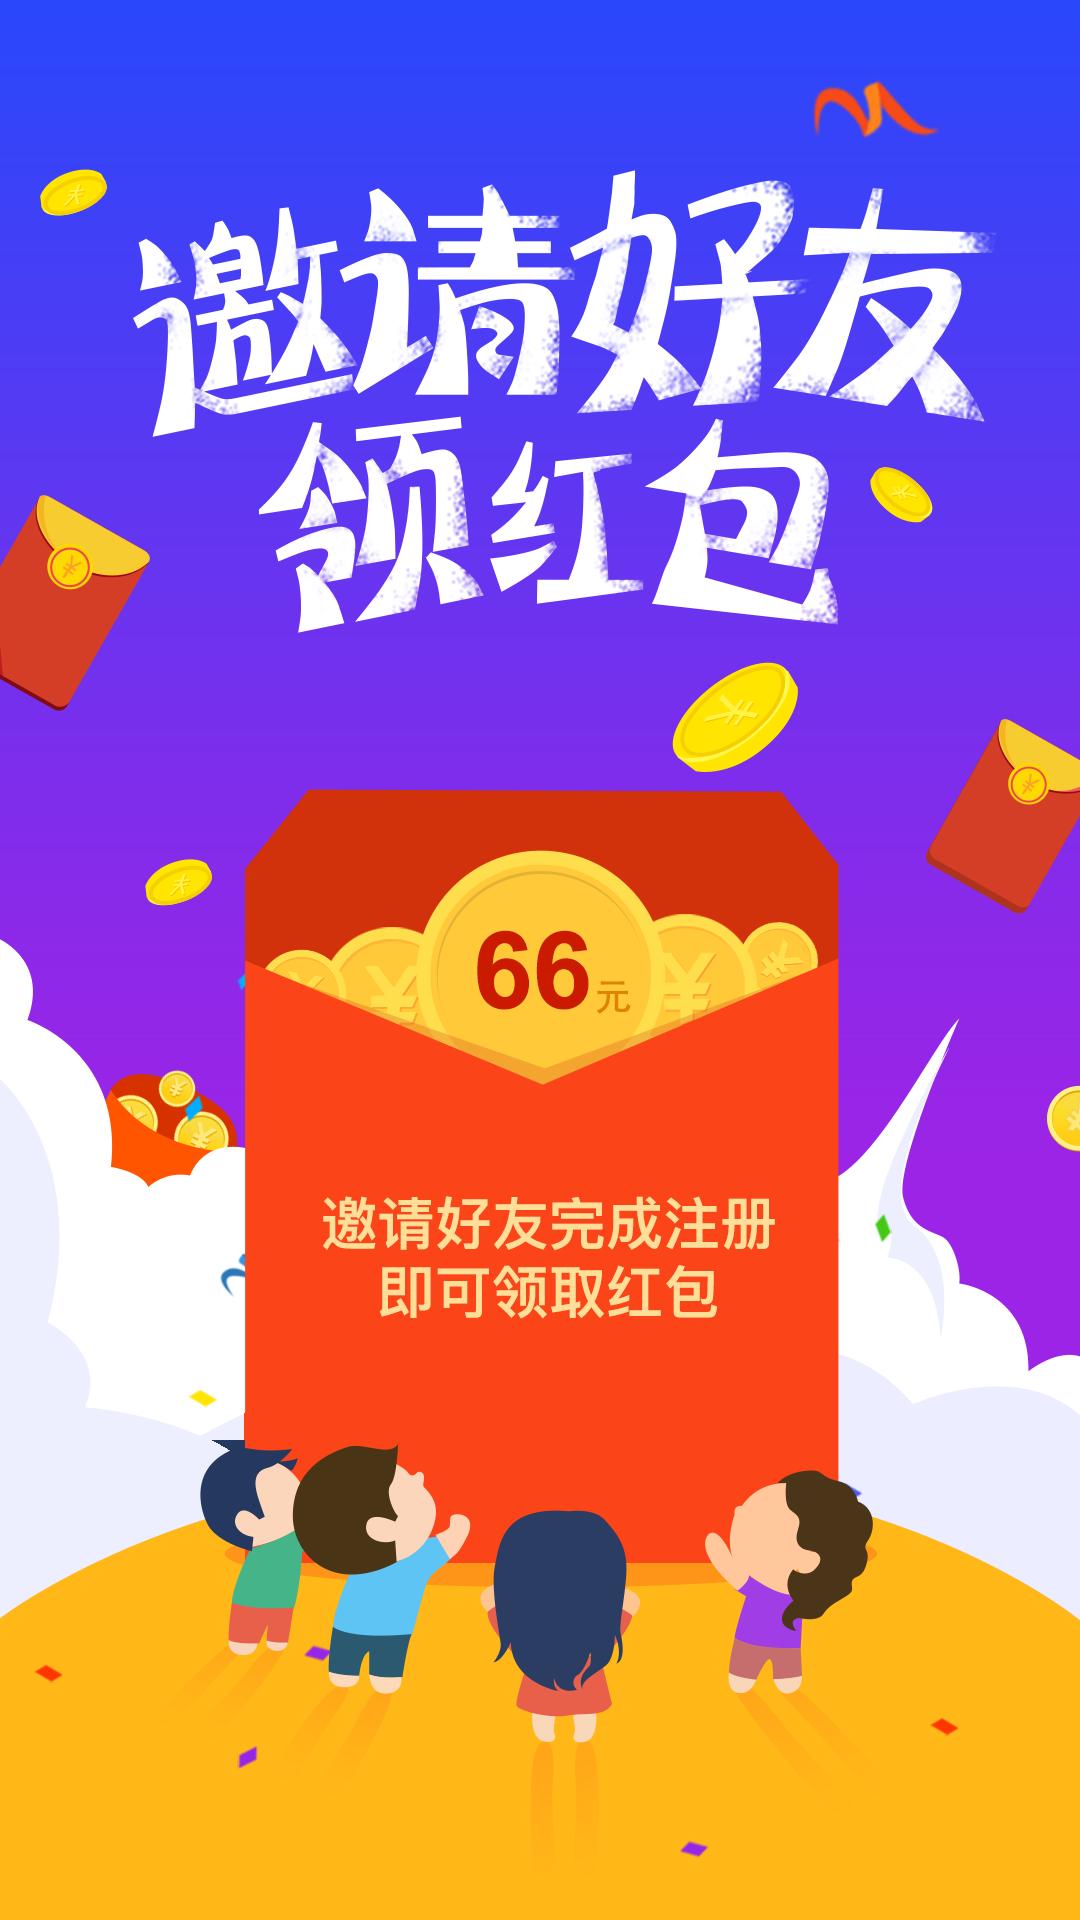 借贷软件_借贷app_2019最靠谱借贷软件app大全